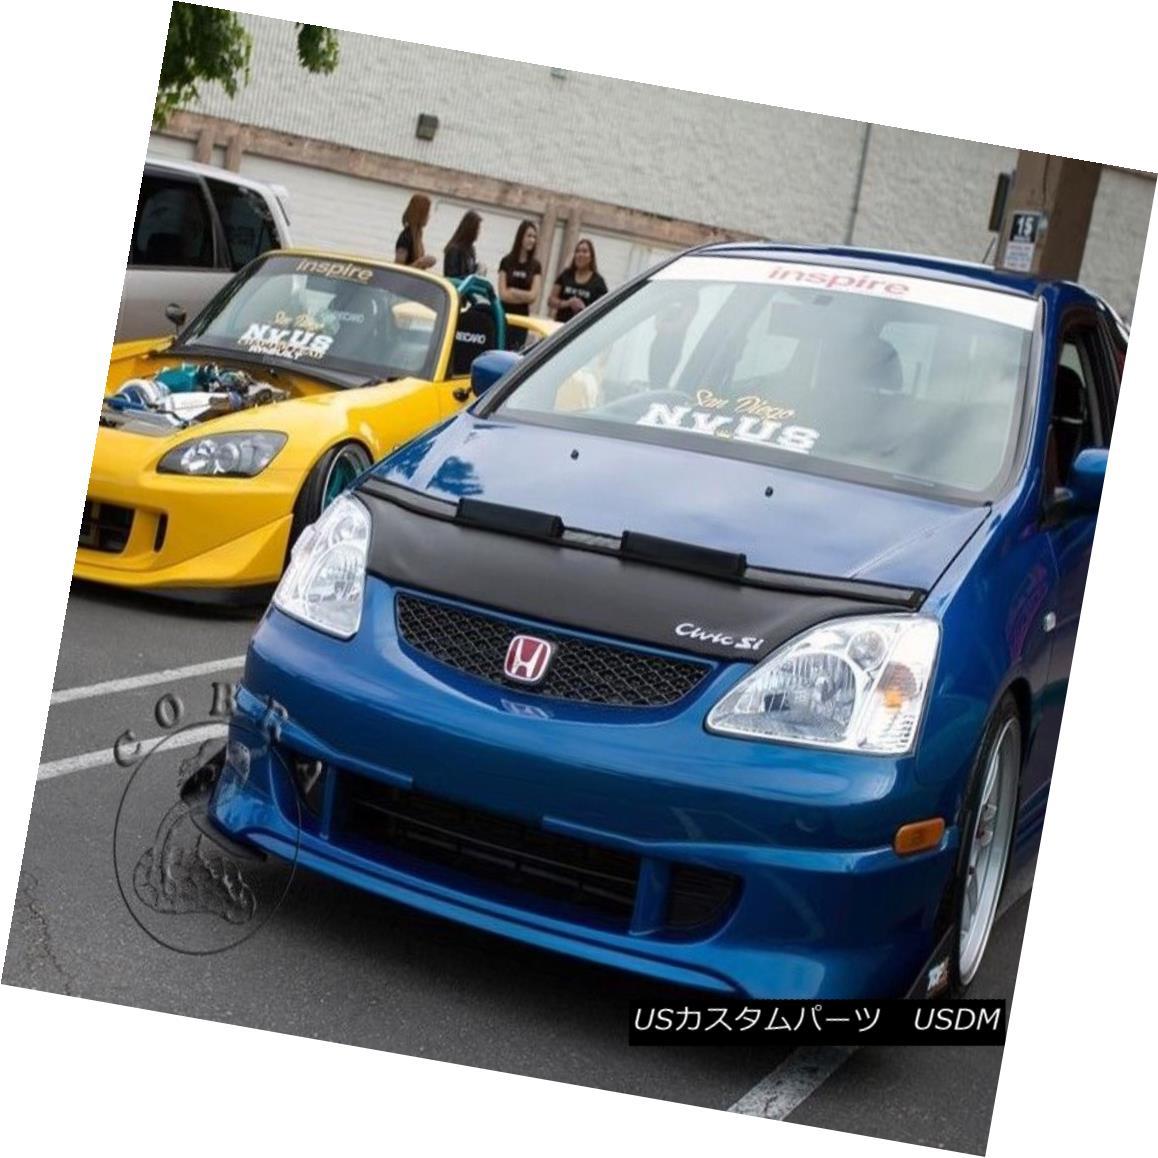 フルブラ ノーズブラ Car Bonnet Hood Bra + LOGO Fits Honda Civic 02 03 04 05 2002 2003 2004 2005 EP3 車ボンネットフードブラジャー+ロゴフィットホンダシビック02 03 04 05 2002 2003 2004 2005 EP3